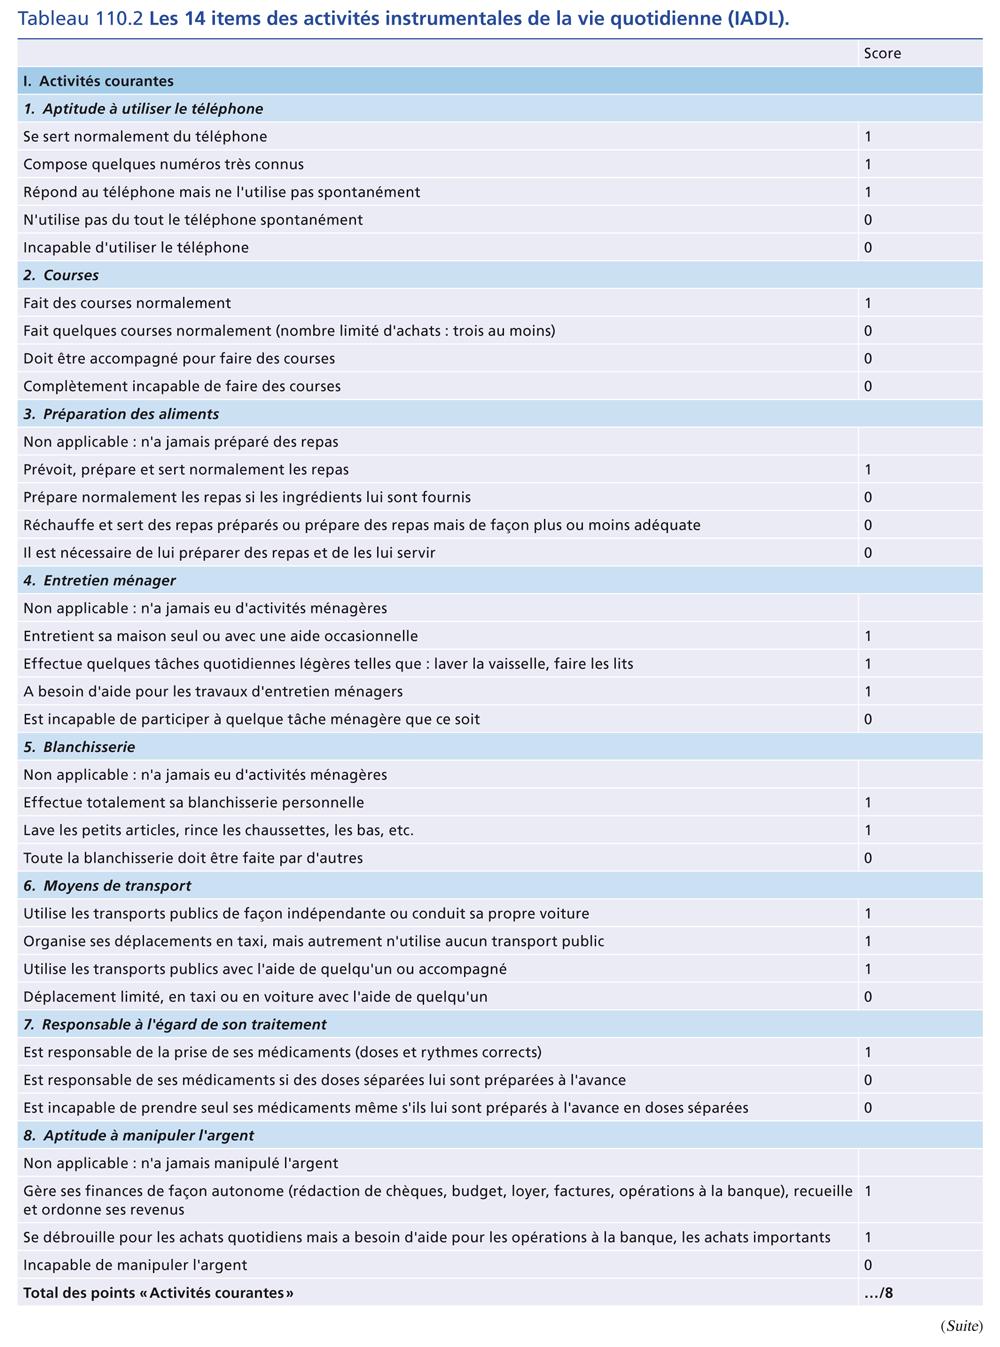 Tableau 110.2 Les 14 items des activités instrumentales de la vie quotidienne (IADL).